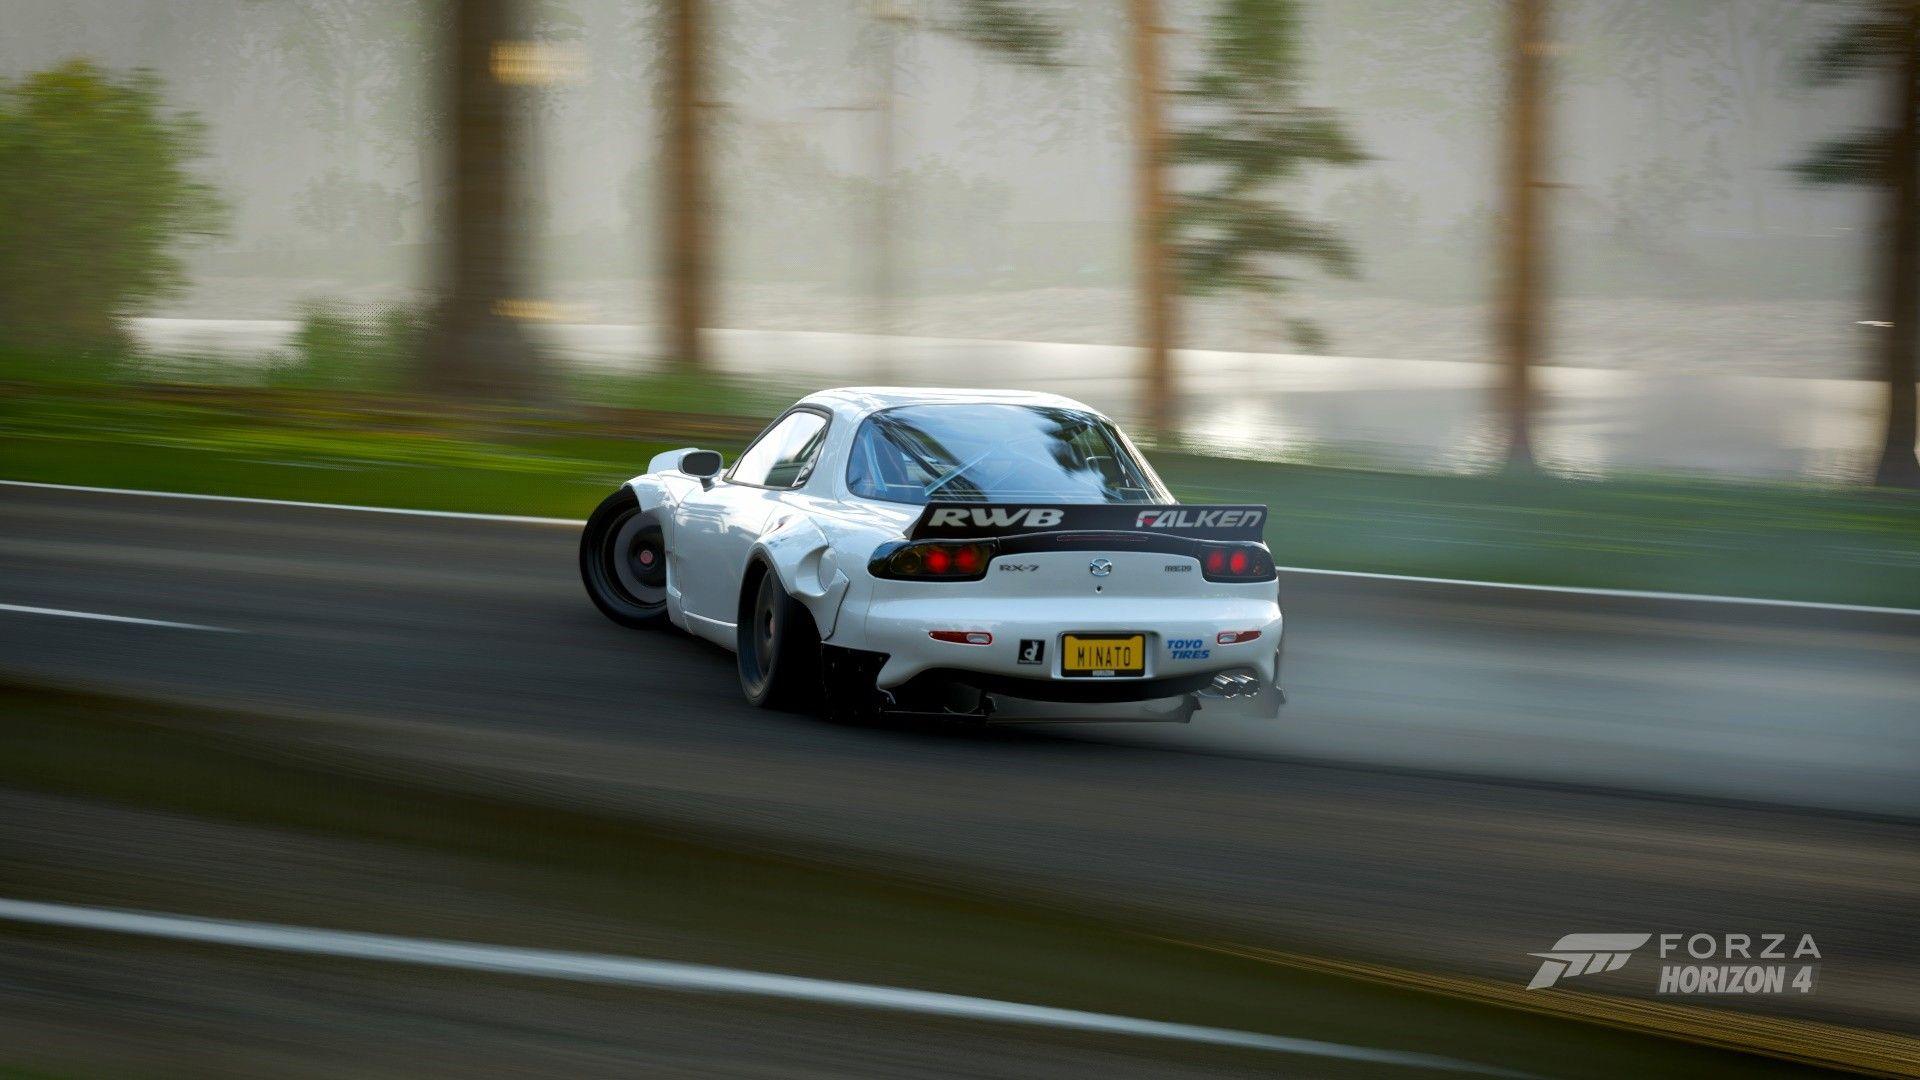 Forza Horizon 4 RX7 drifting Forza horizon, Forza